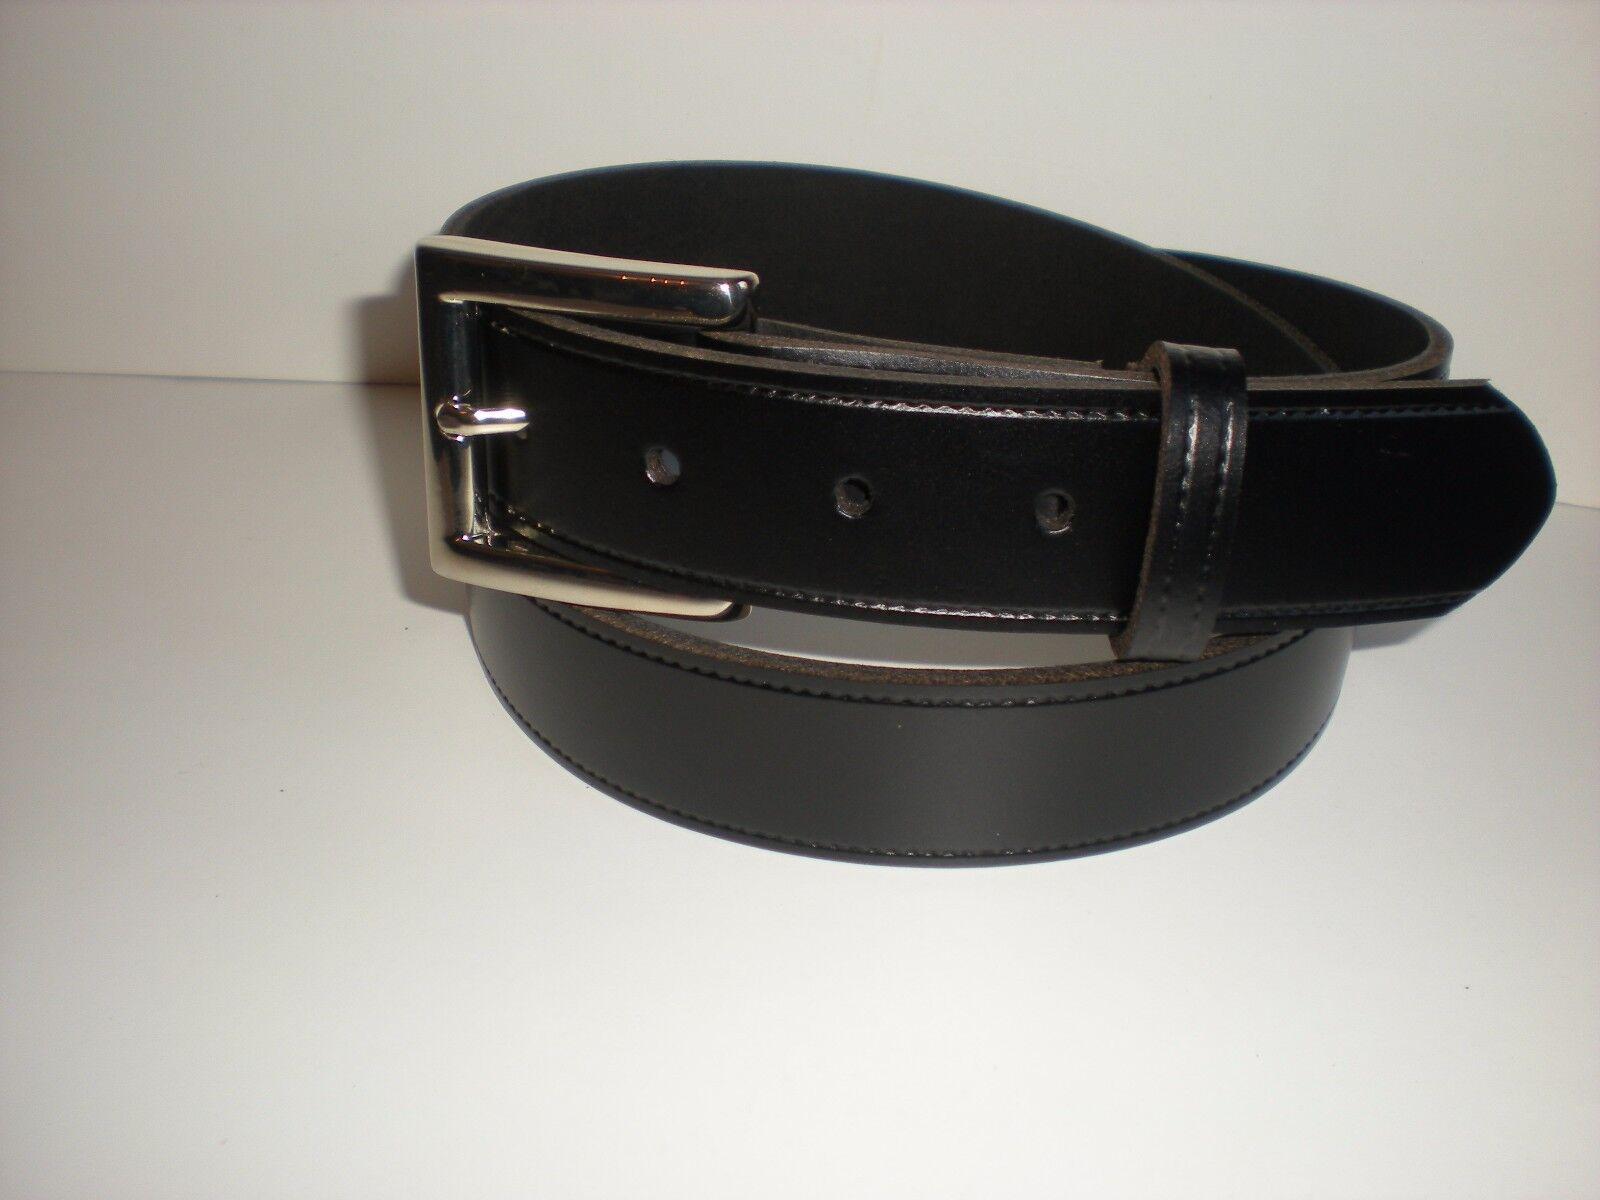 35mm Leder Gürtel schwarz, braun, Marineblau, burgund grün hellbraun und weiß